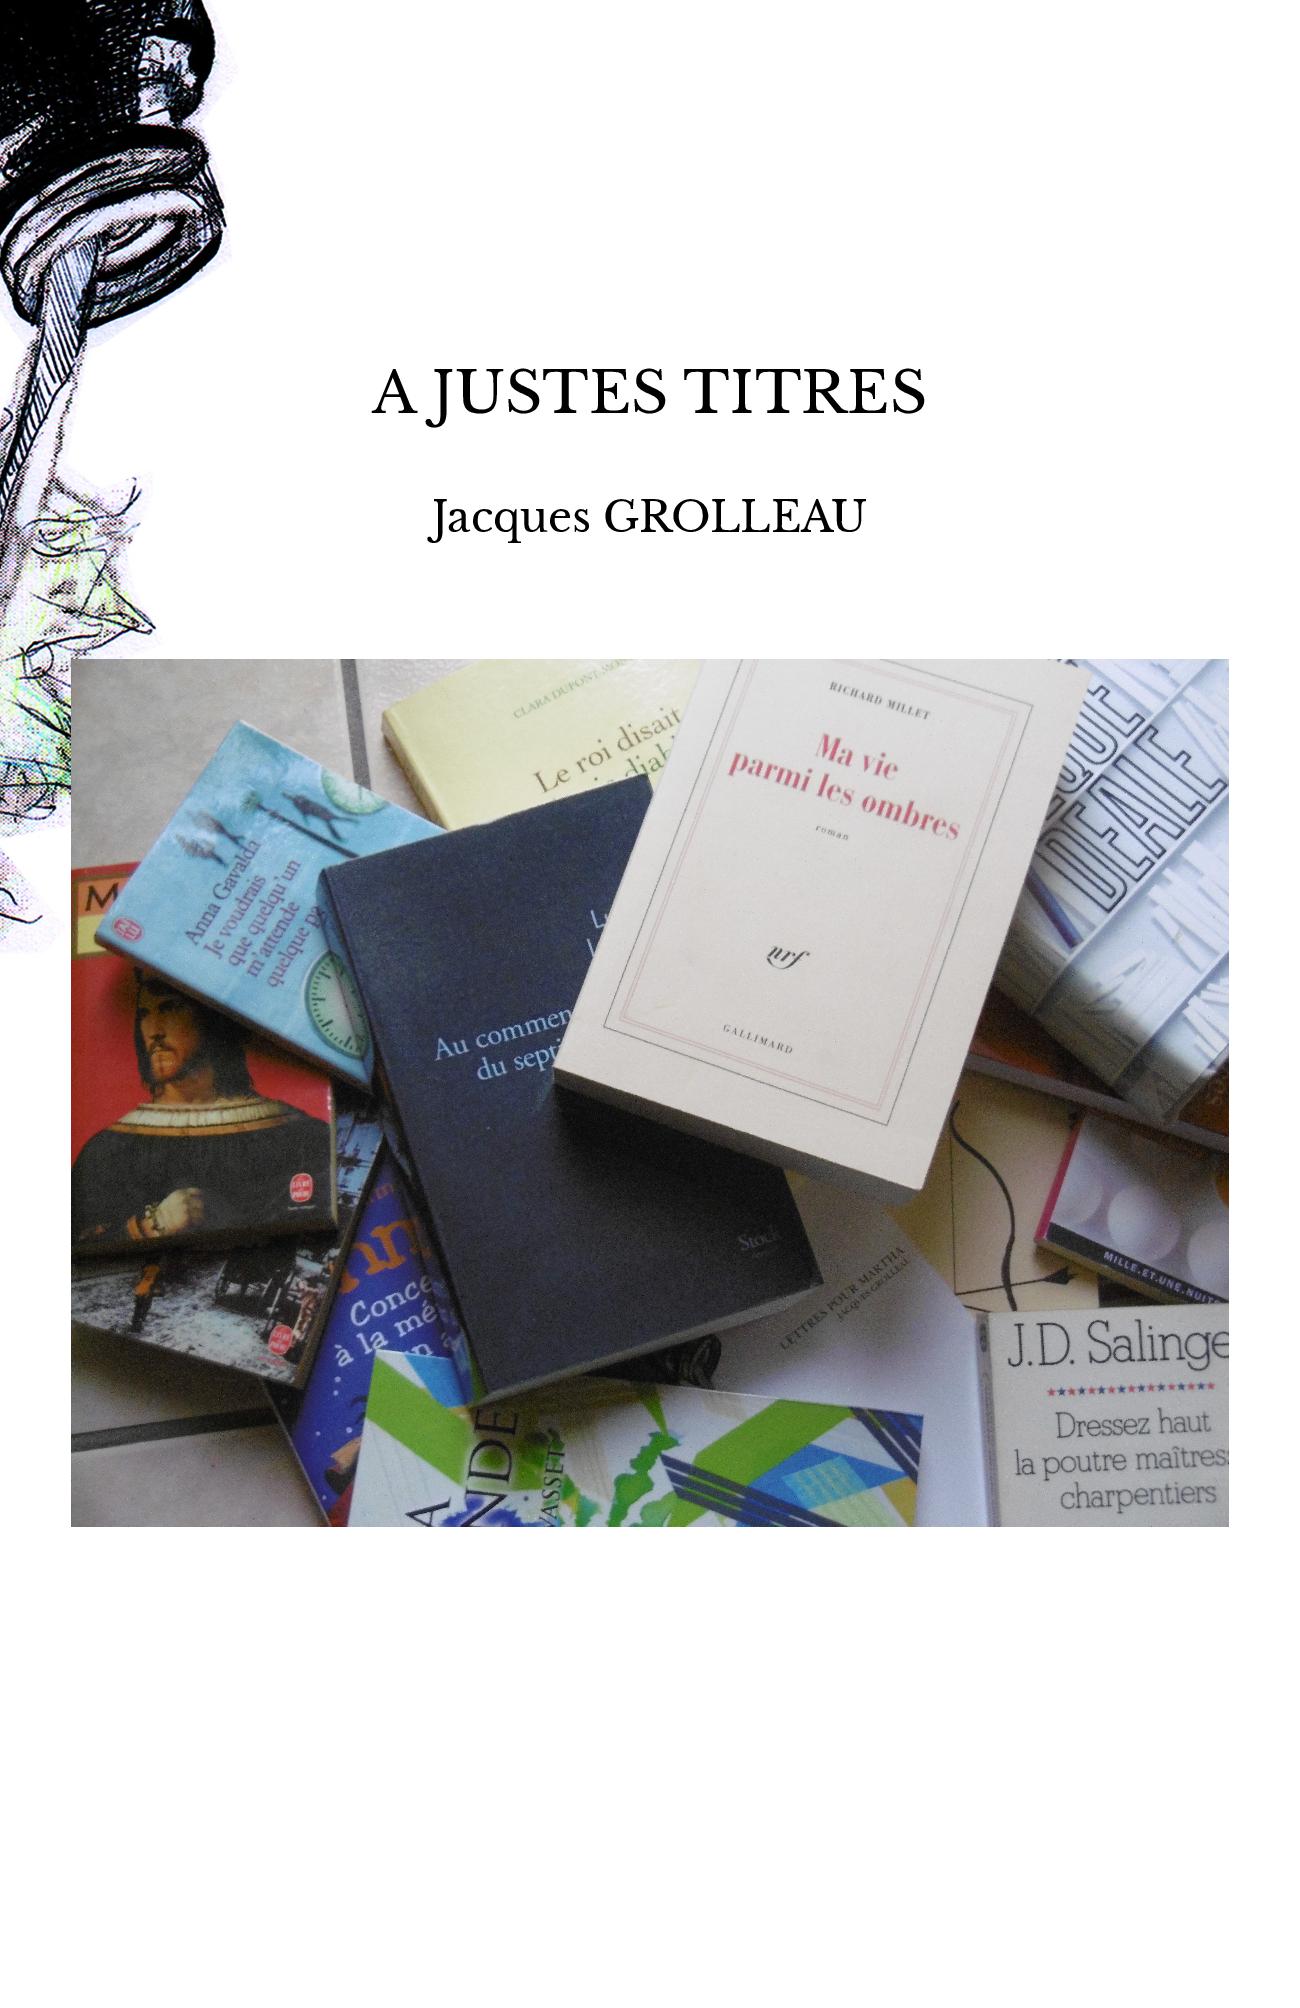 A JUSTES TITRES